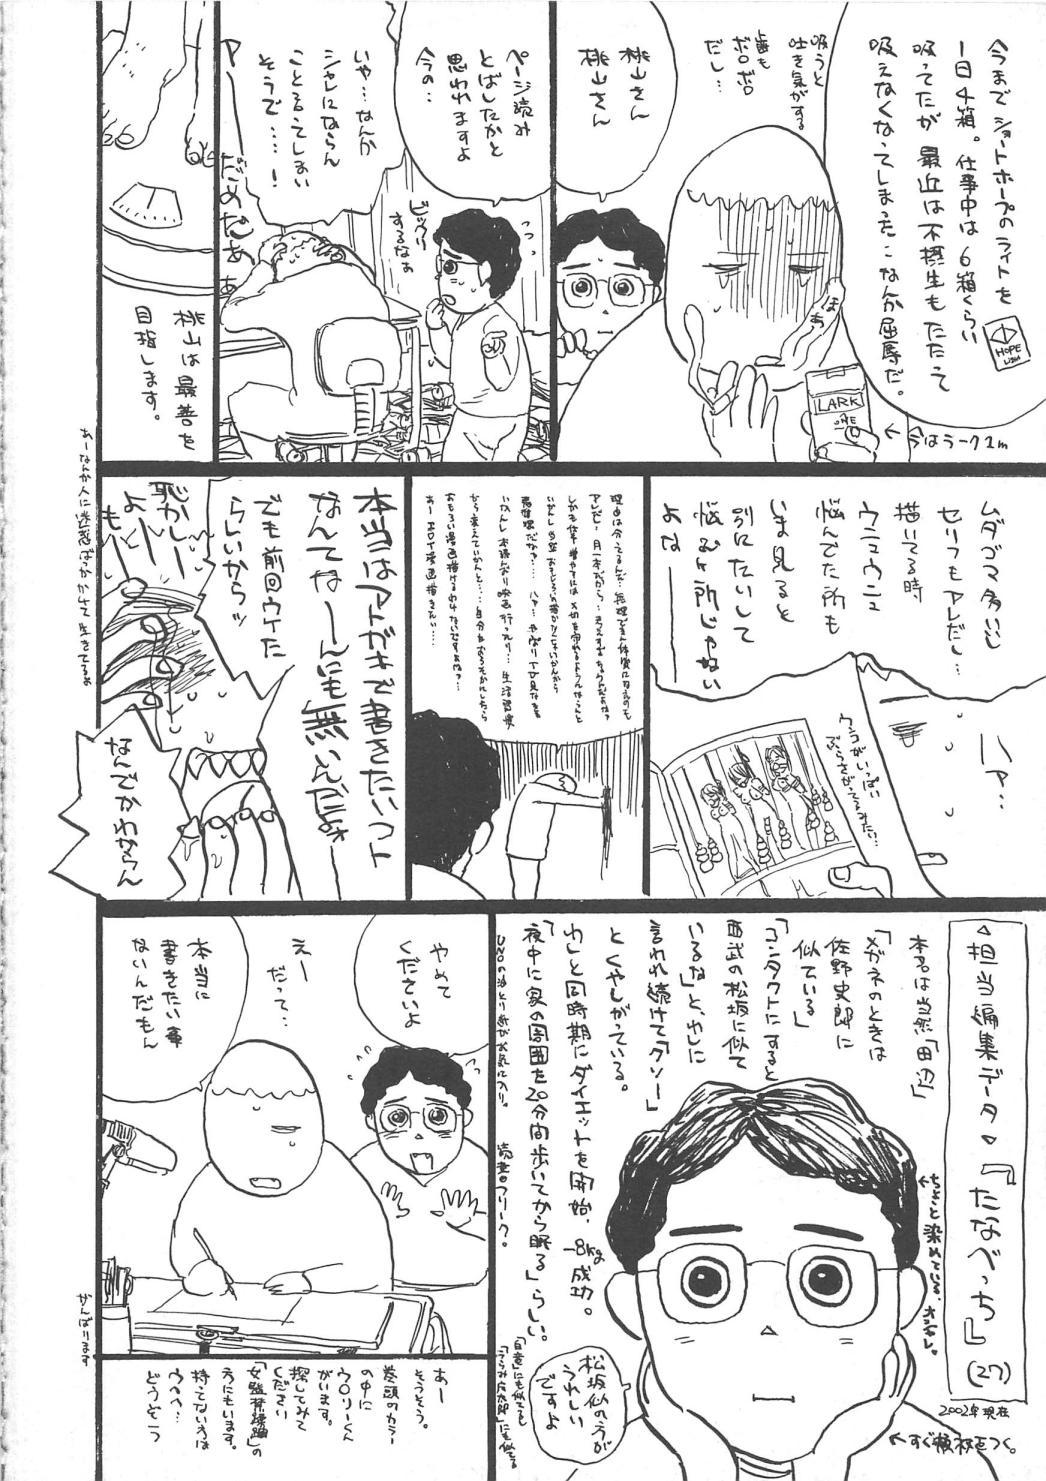 Kairaku no Sono - Garden of Pleasure 167